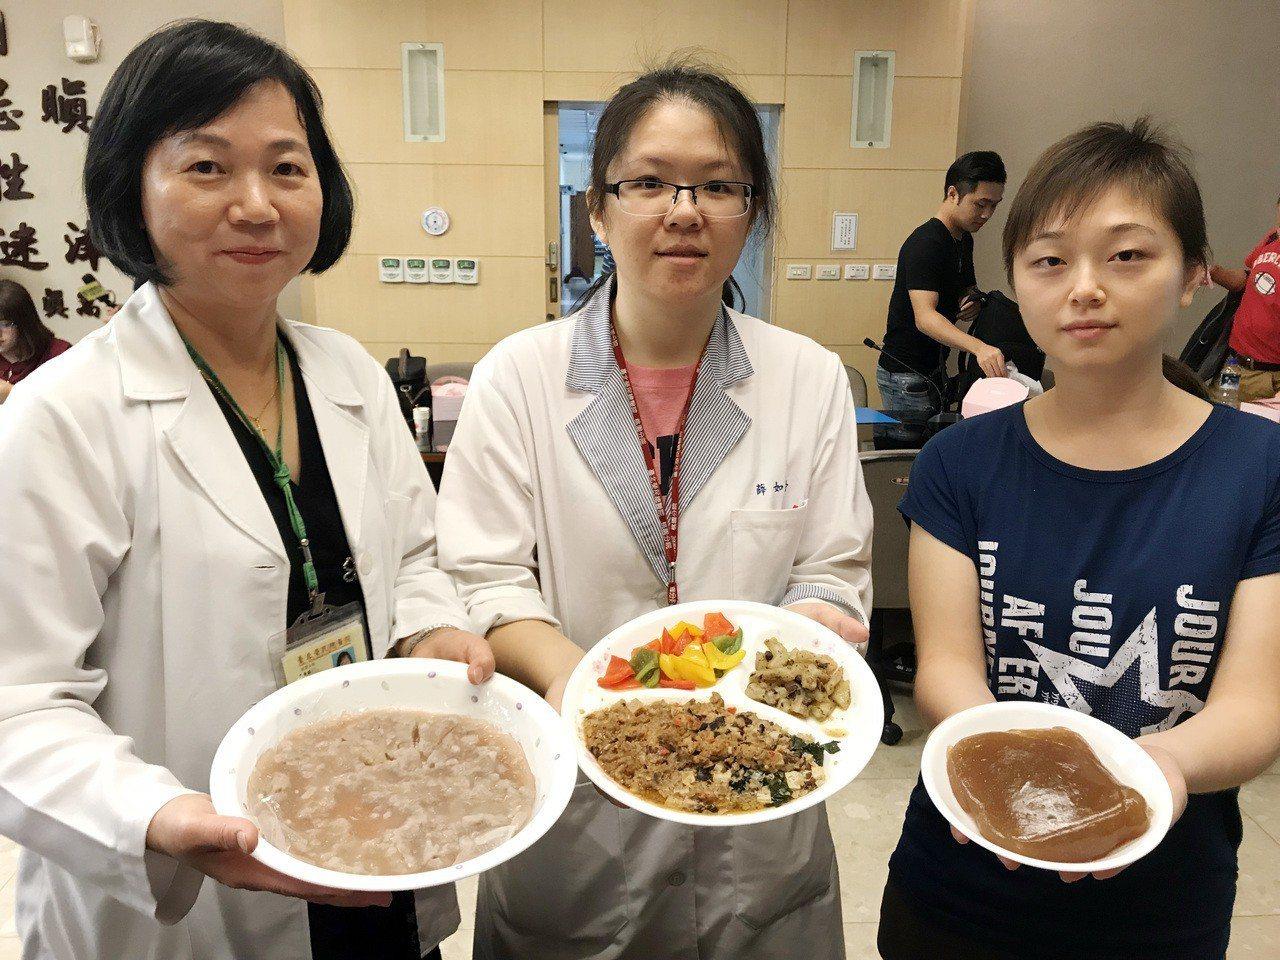 不少腎臟病患者在接受血液透析過程中,大多病友知悉在飲食控制方面,盡量要少鹽、少油...